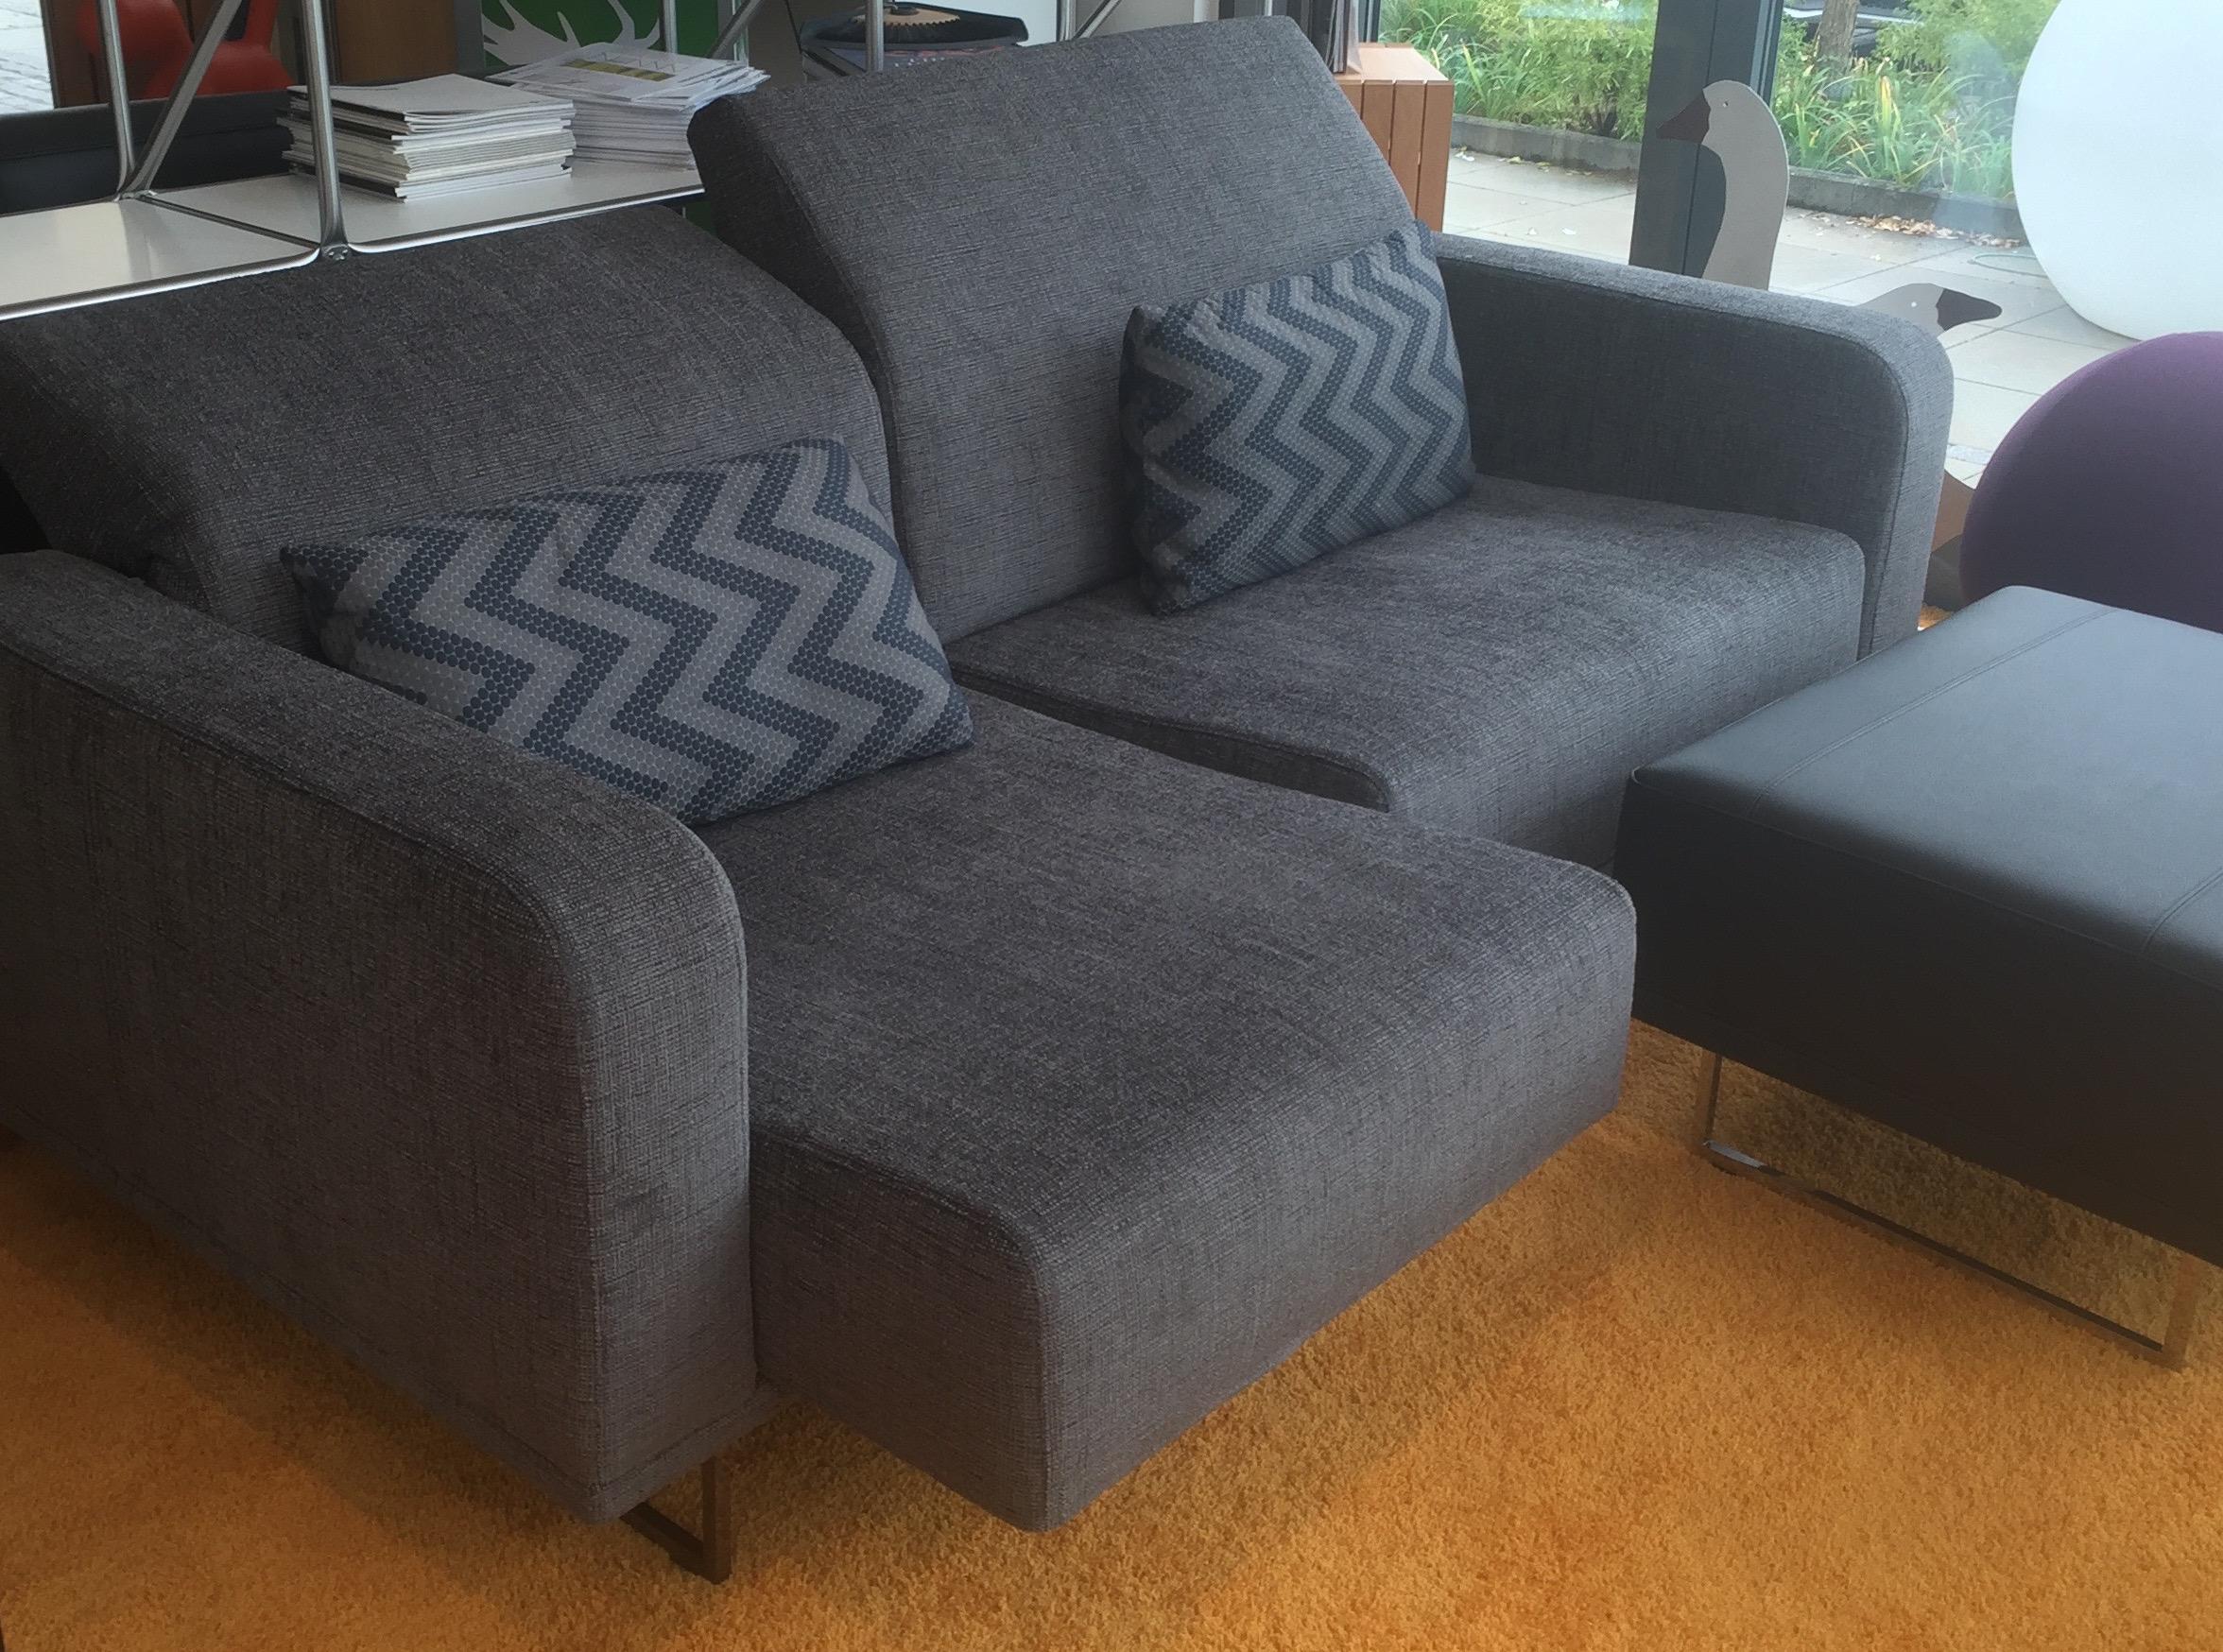 br hl deep space 2 5 r. Black Bedroom Furniture Sets. Home Design Ideas